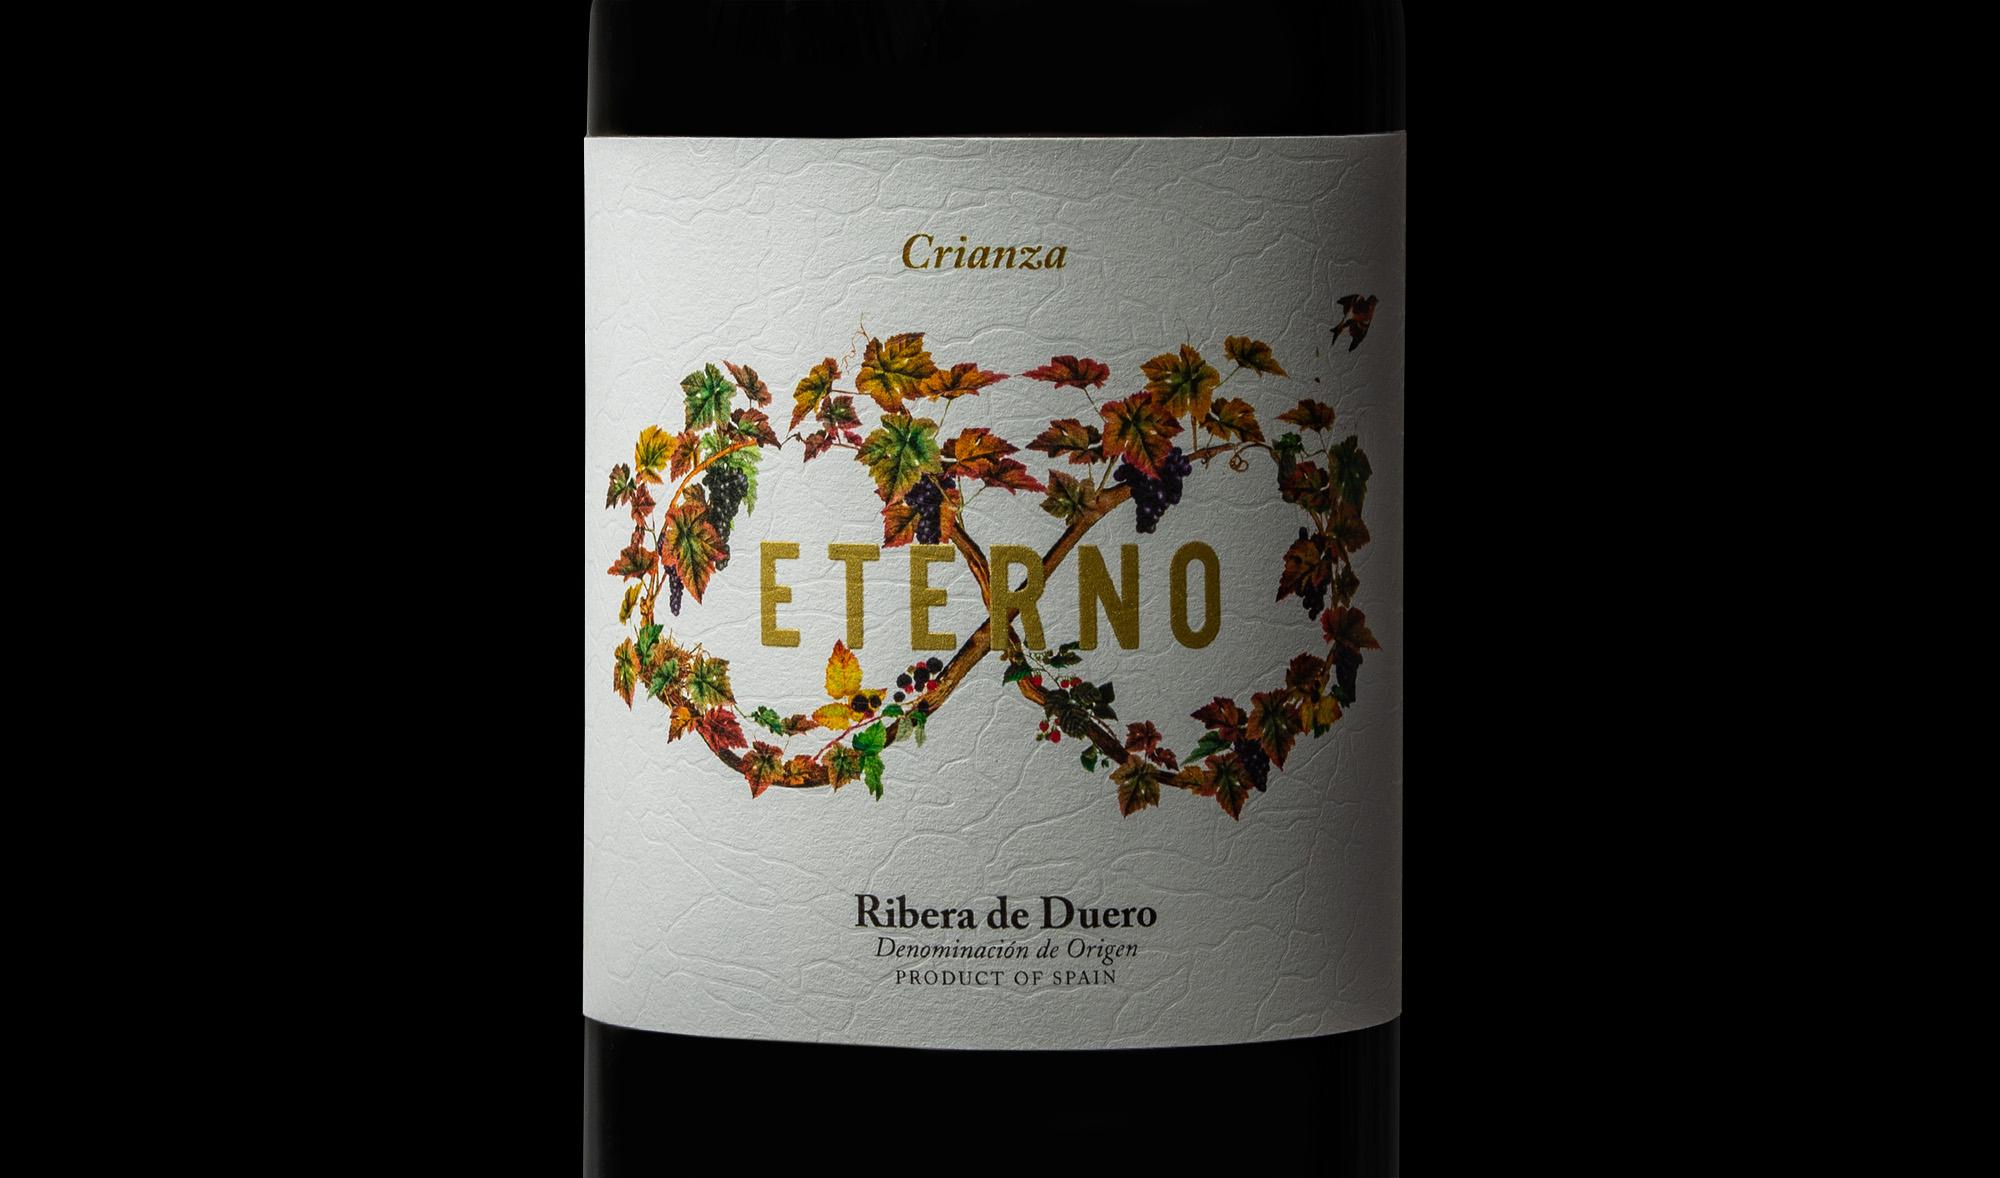 Detalle del diseño e ilustración para la etiqueta de vino crianza eterno